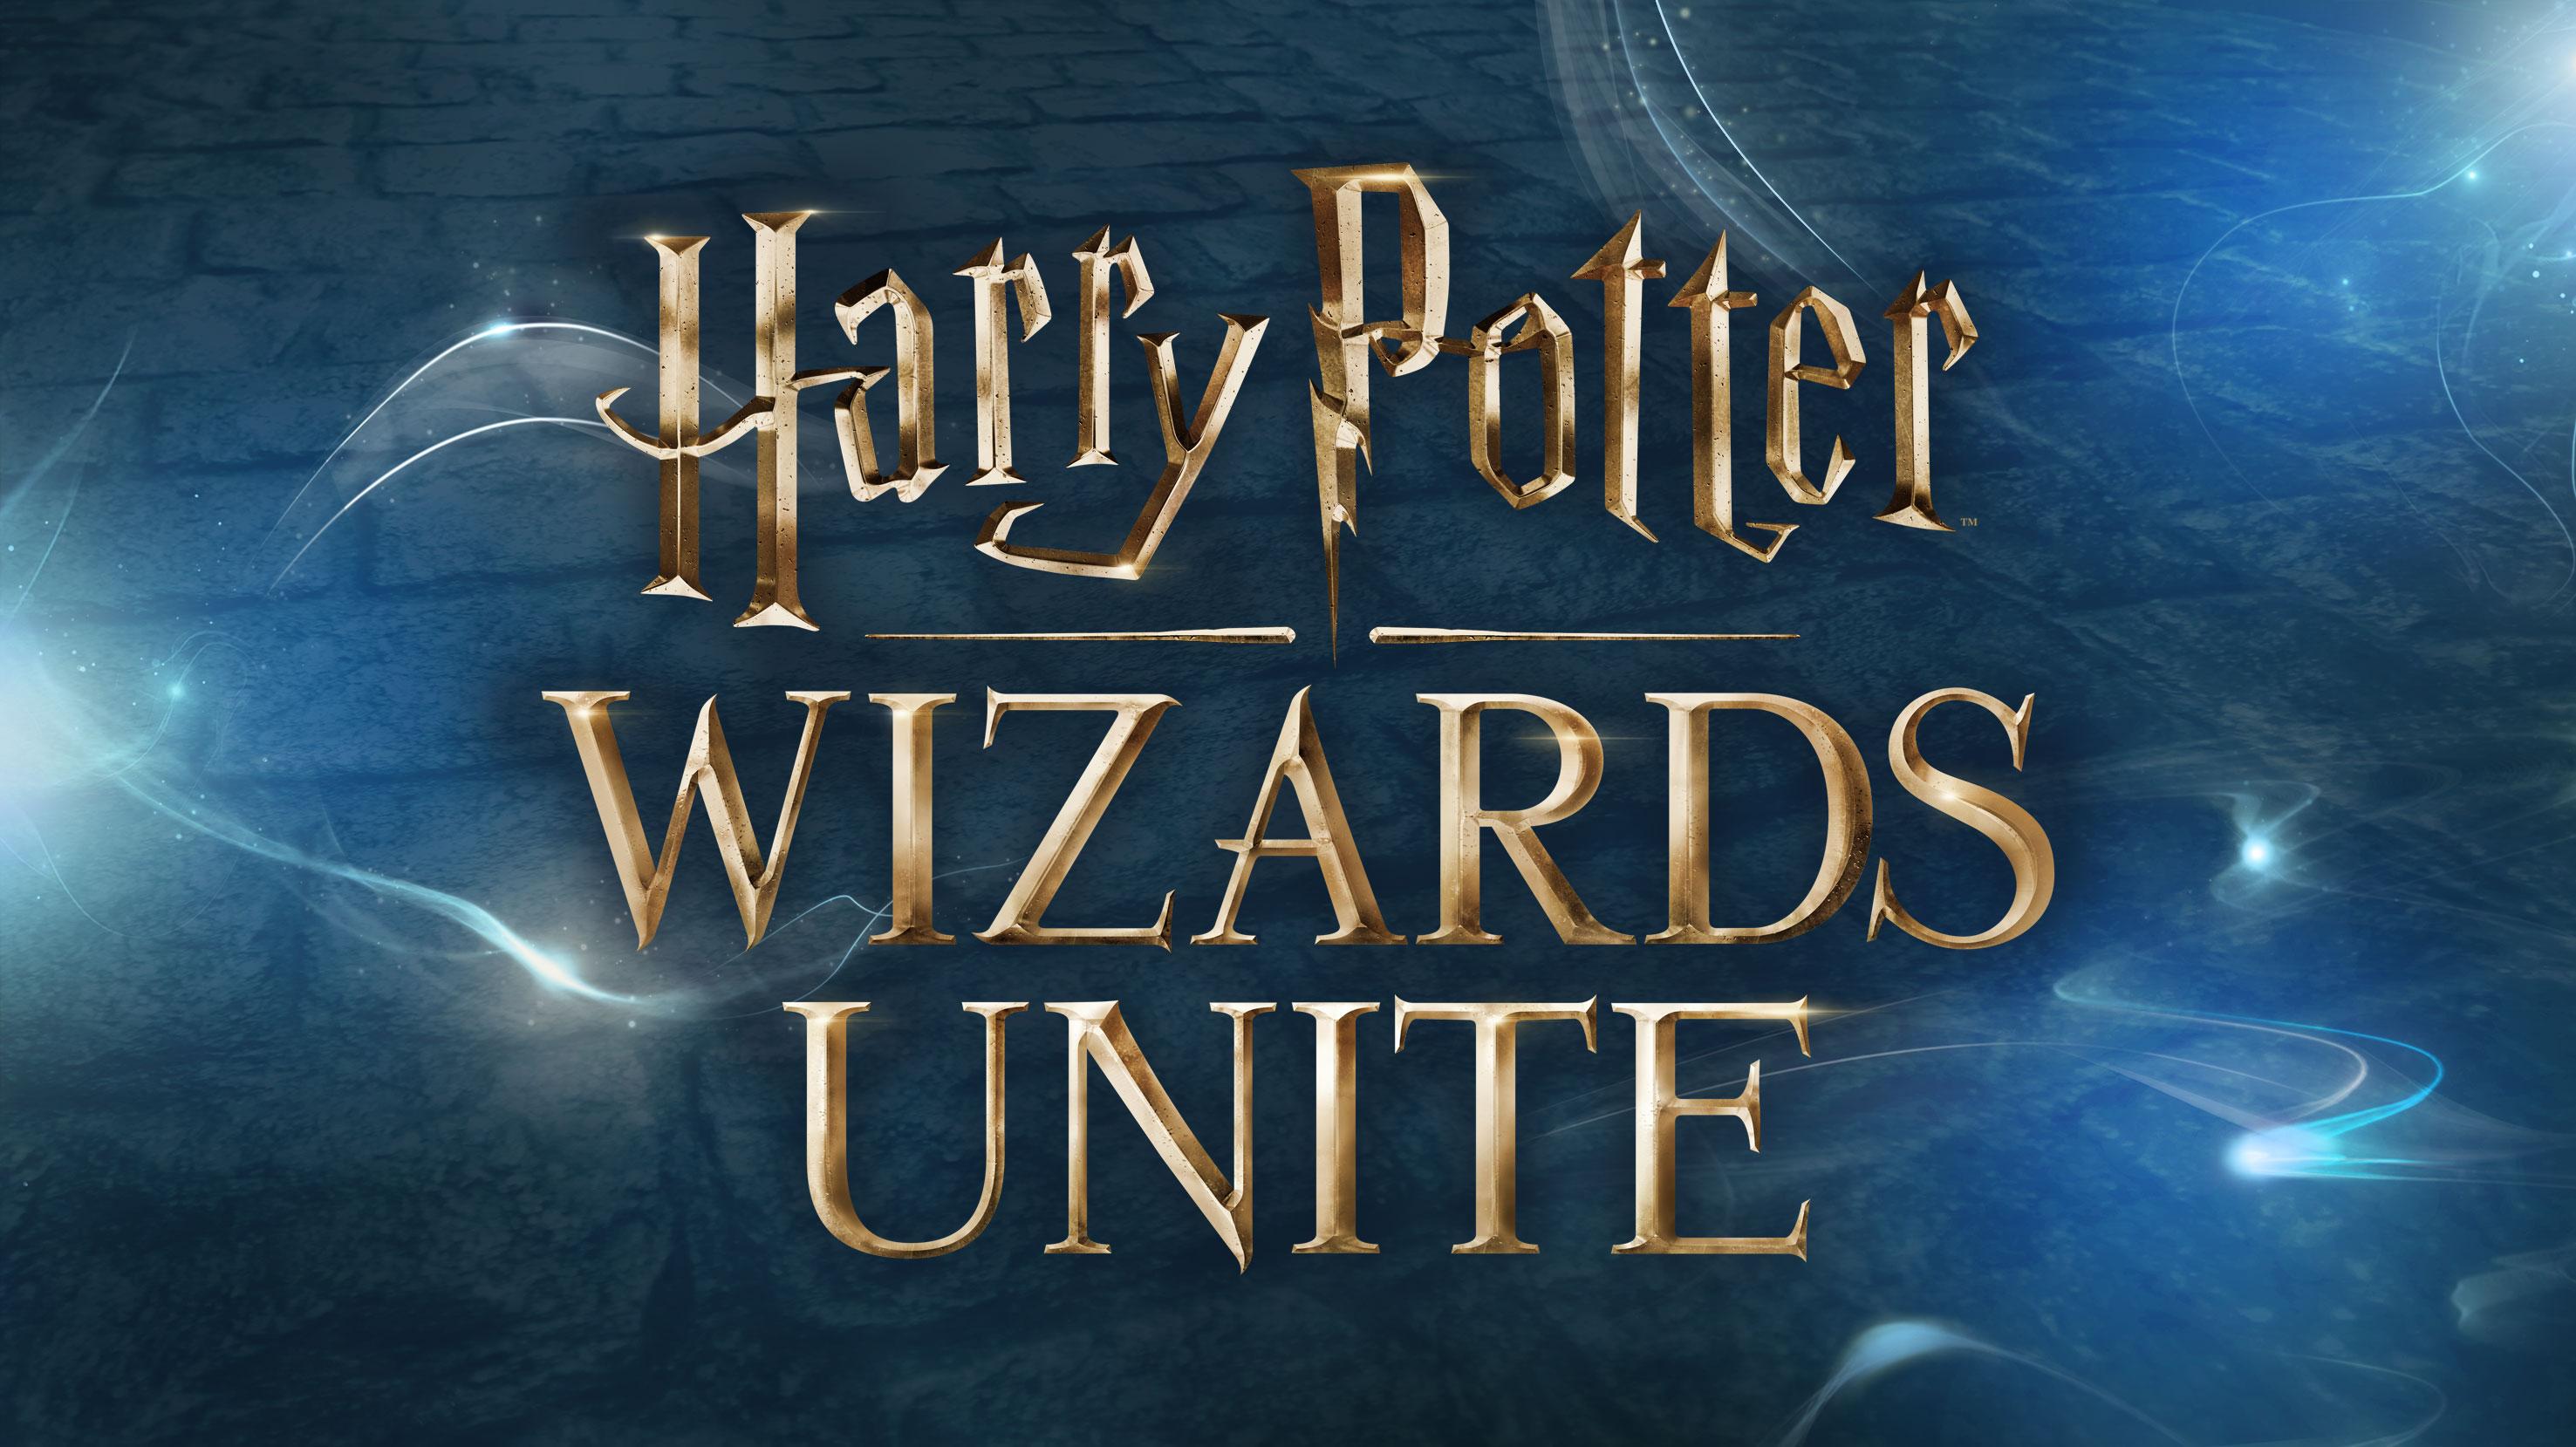 Harry Potter Wizards Unite ci farà entrare ad Hogwarts | Collater.al 1